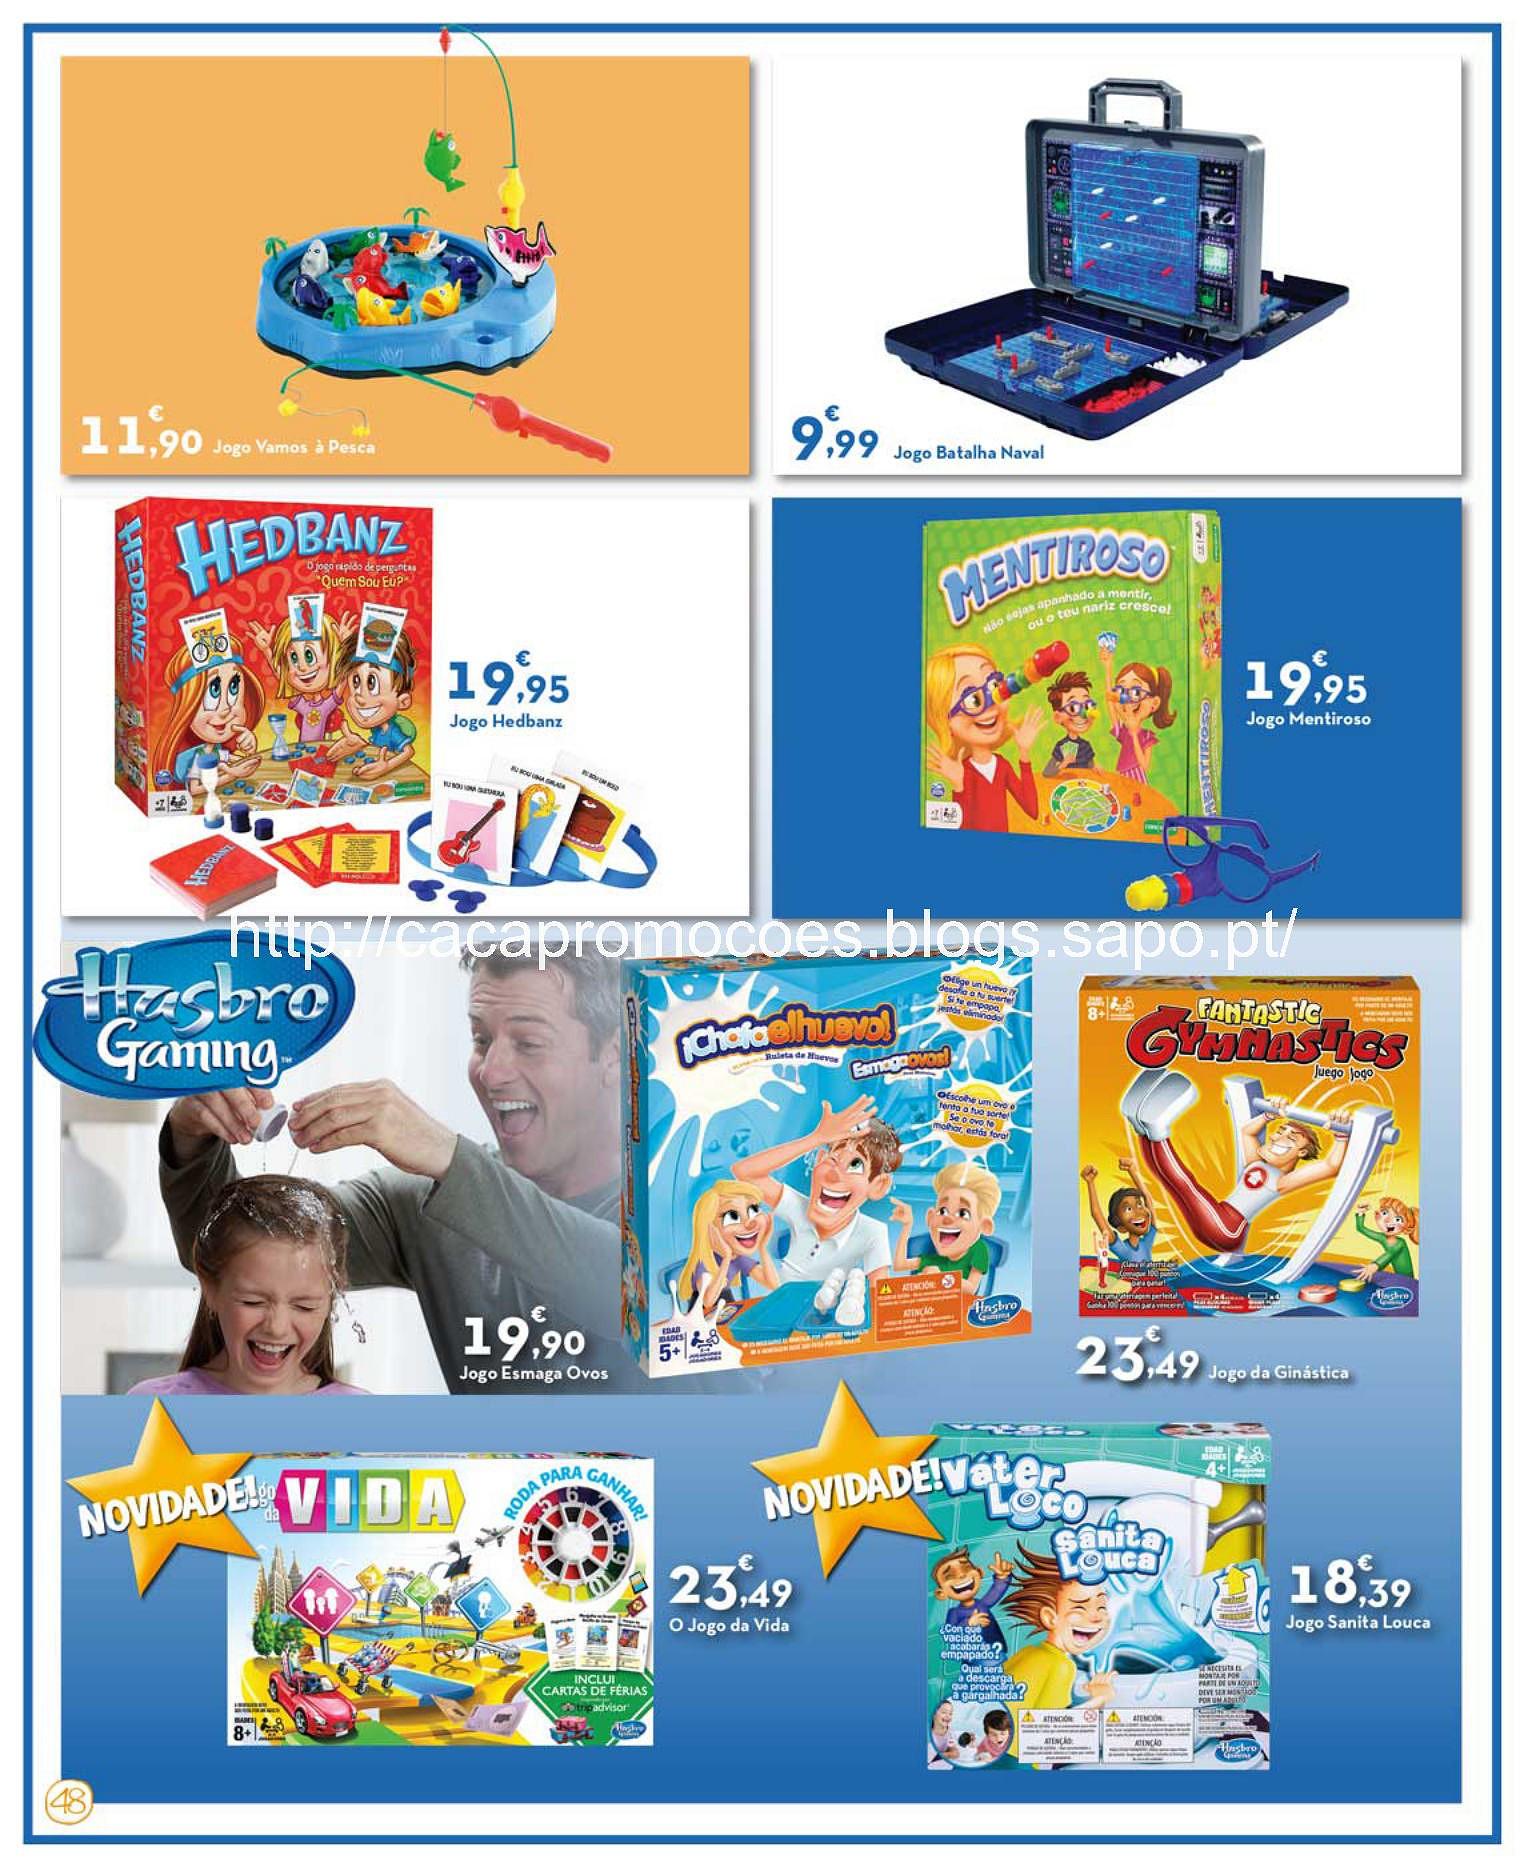 Eleclerc-Promoções-Folheto-Brinquedos-_Page43.jpg